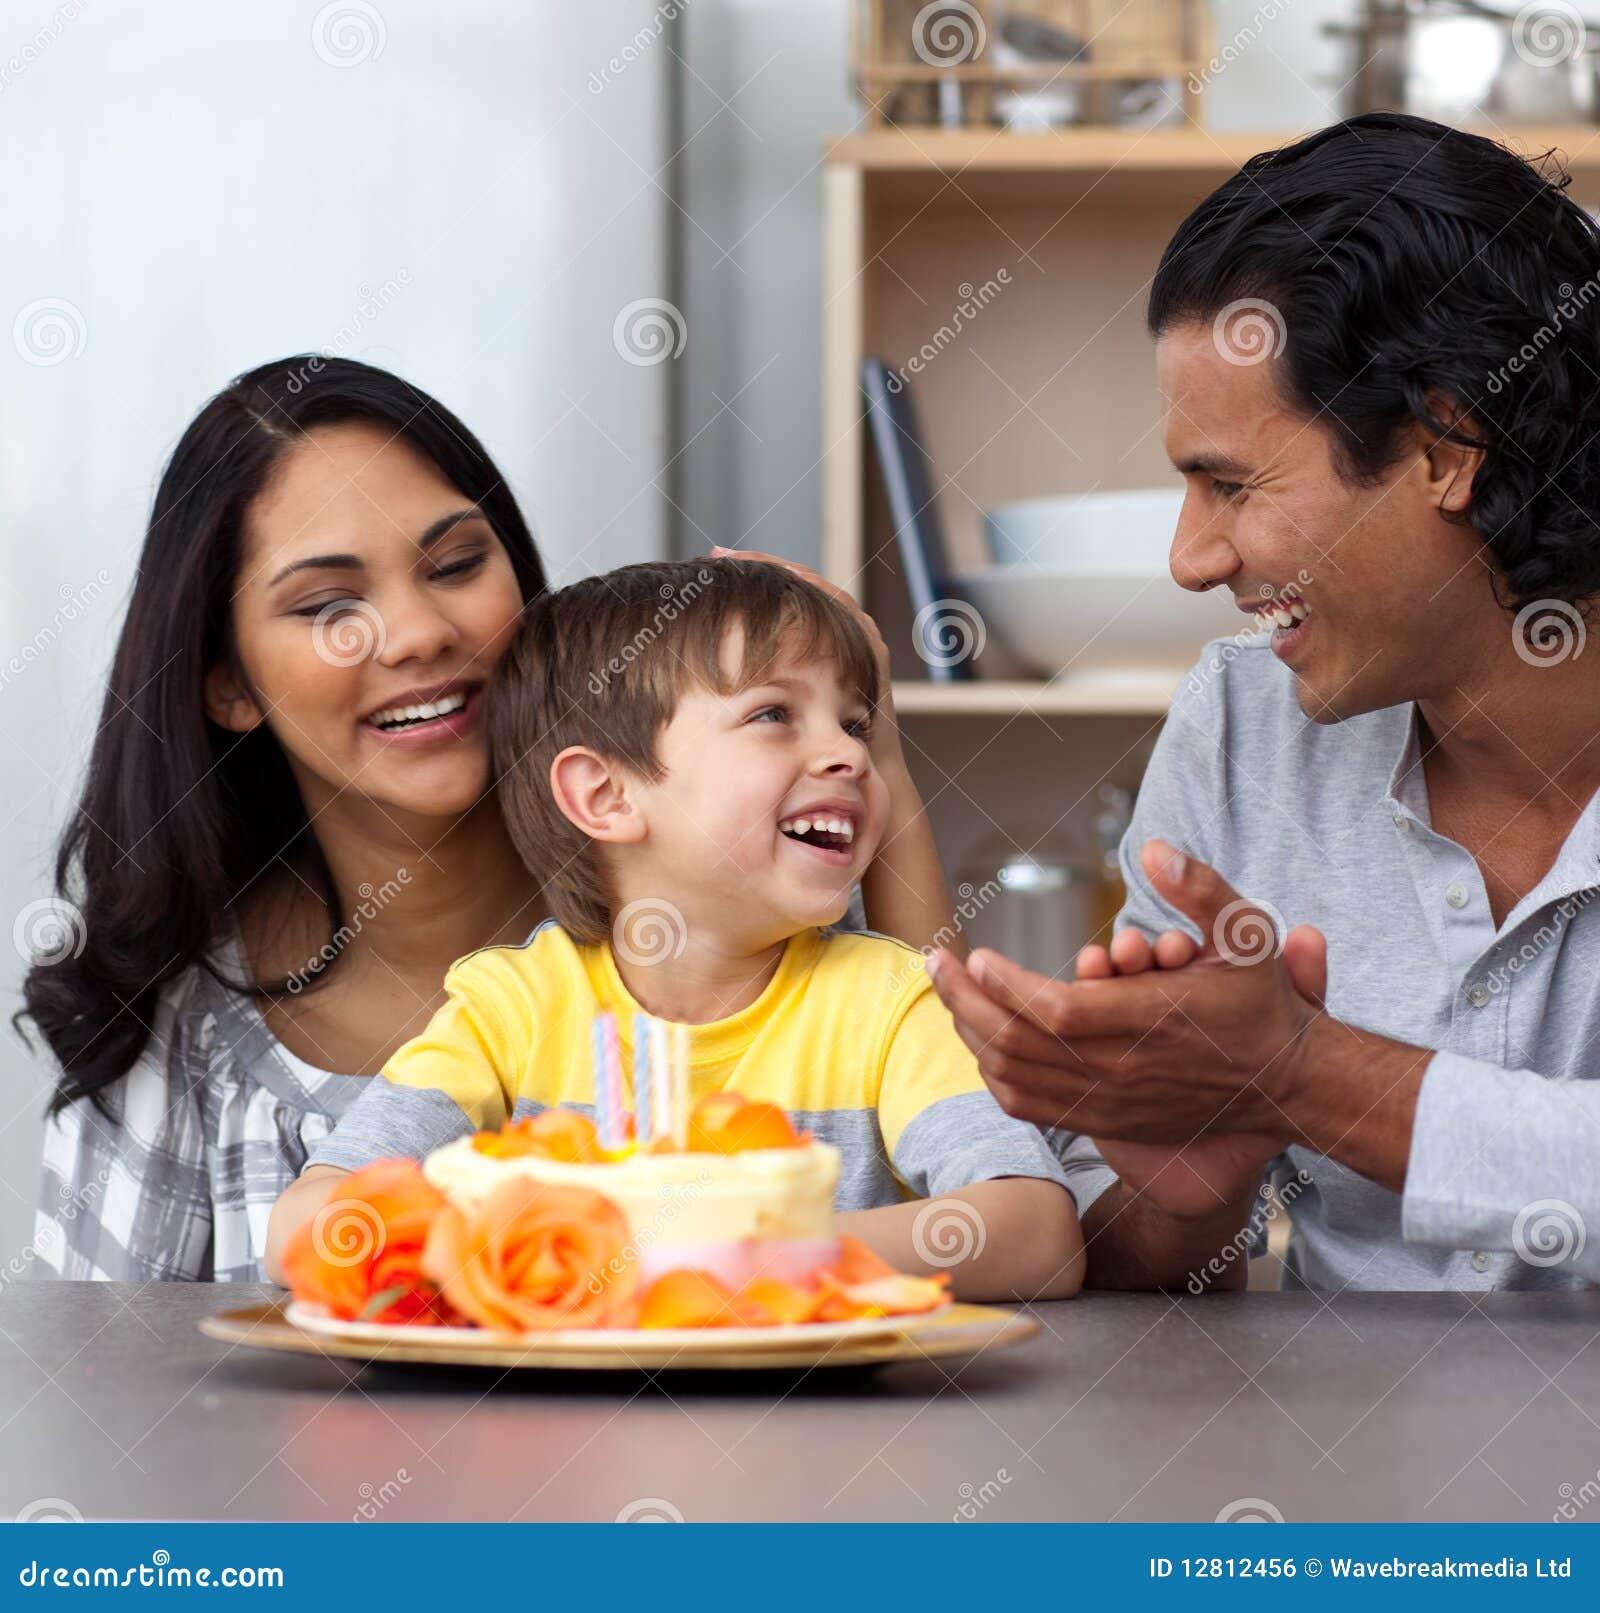 Criança que comemora seu aniversário com seus pais